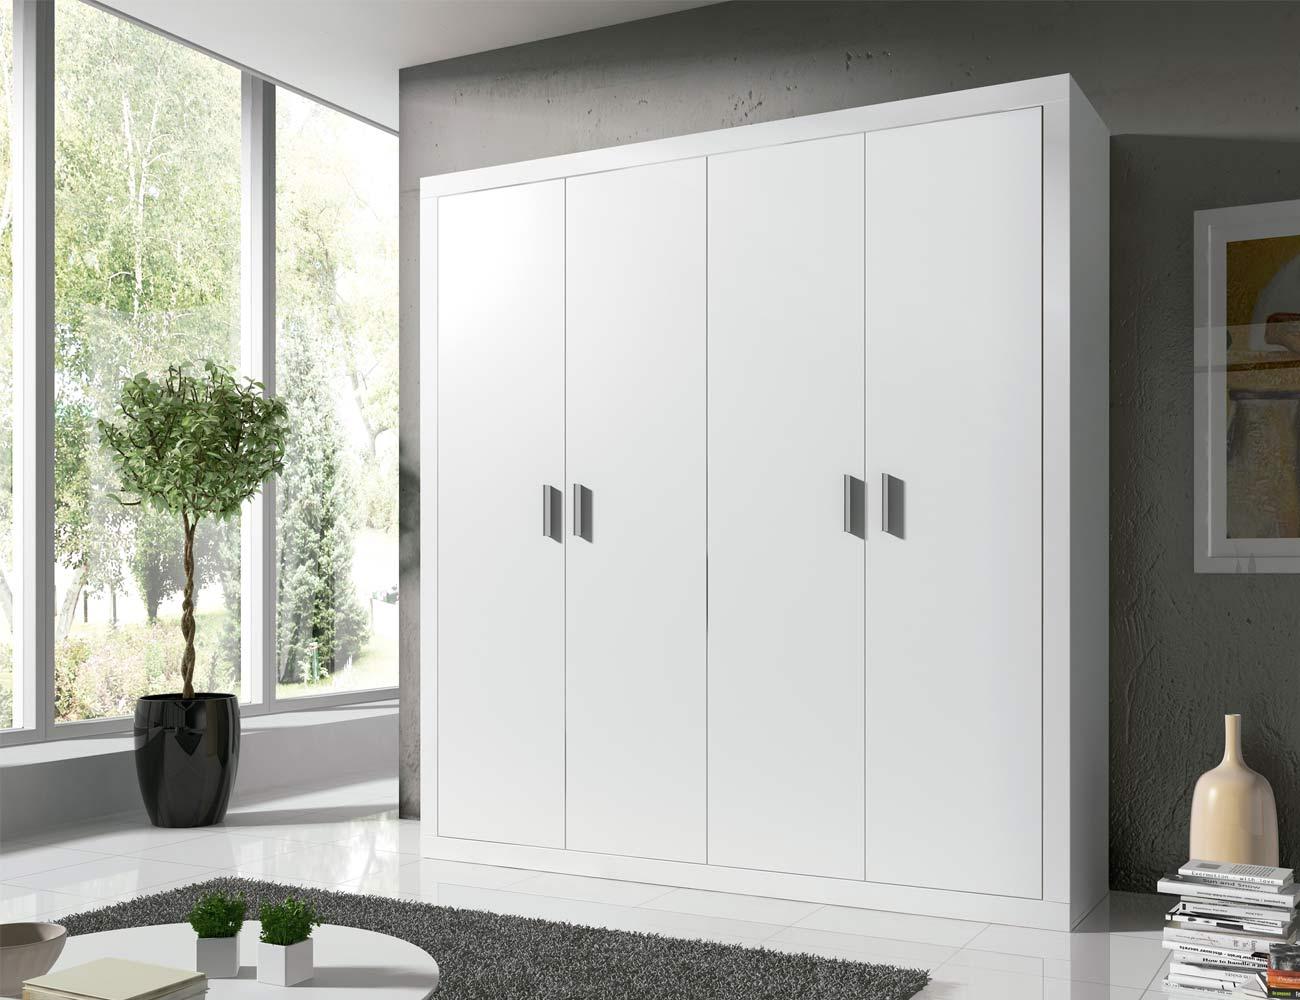 Armario puertas abatibles blanco1